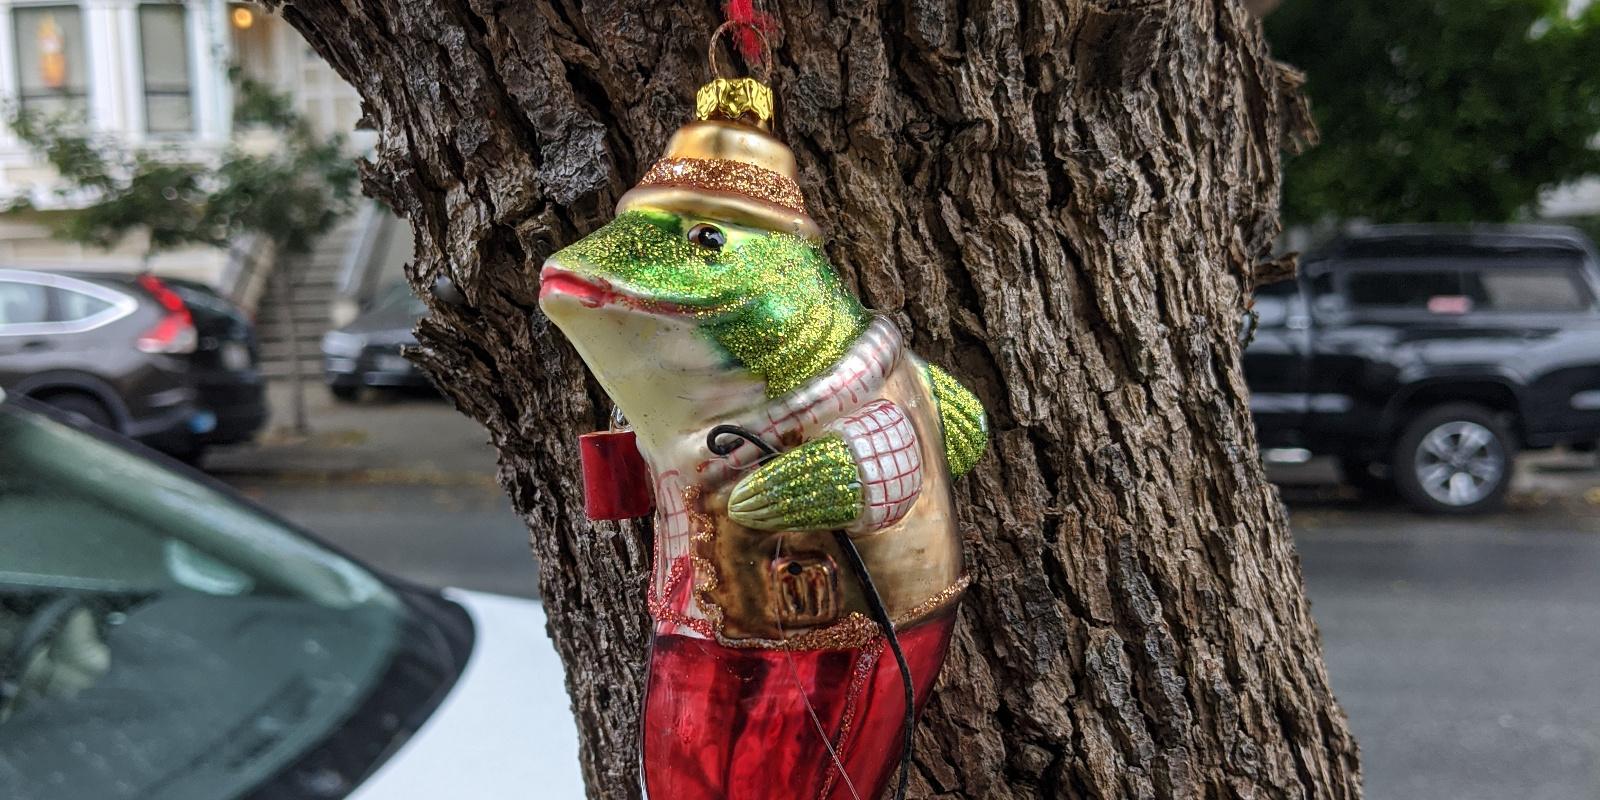 picture: fish ornament